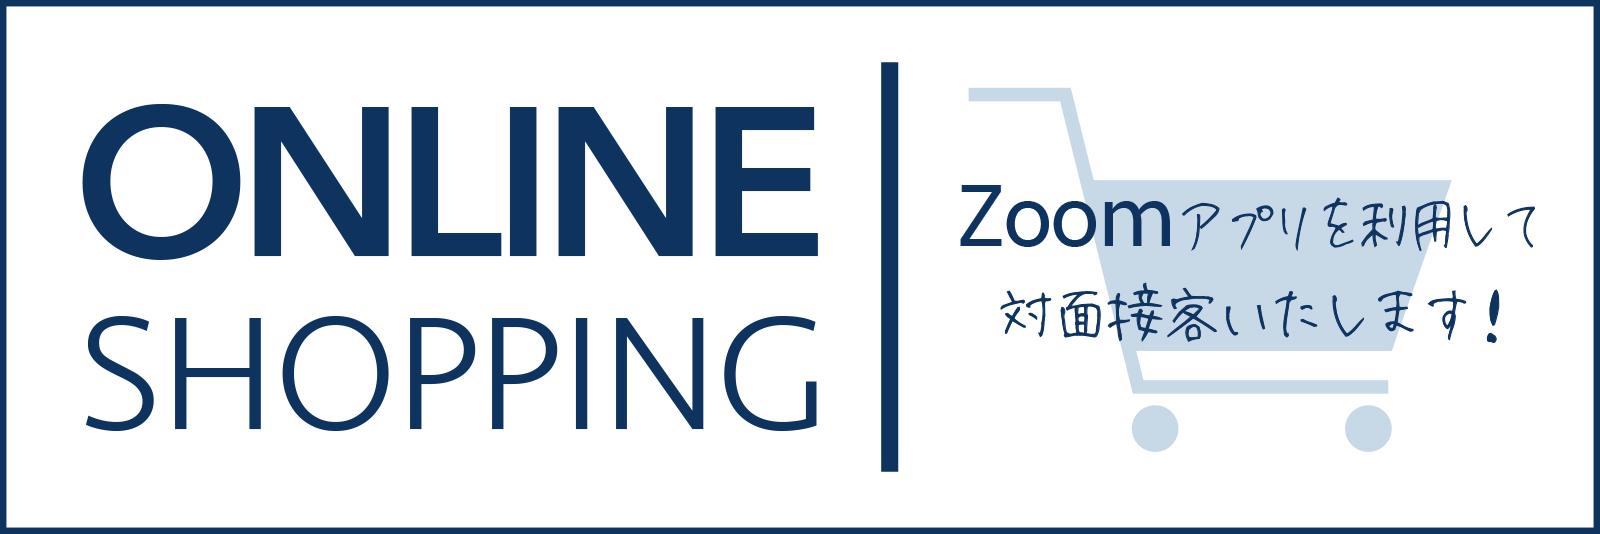 onlineshopping_TOPbanner01.jpg